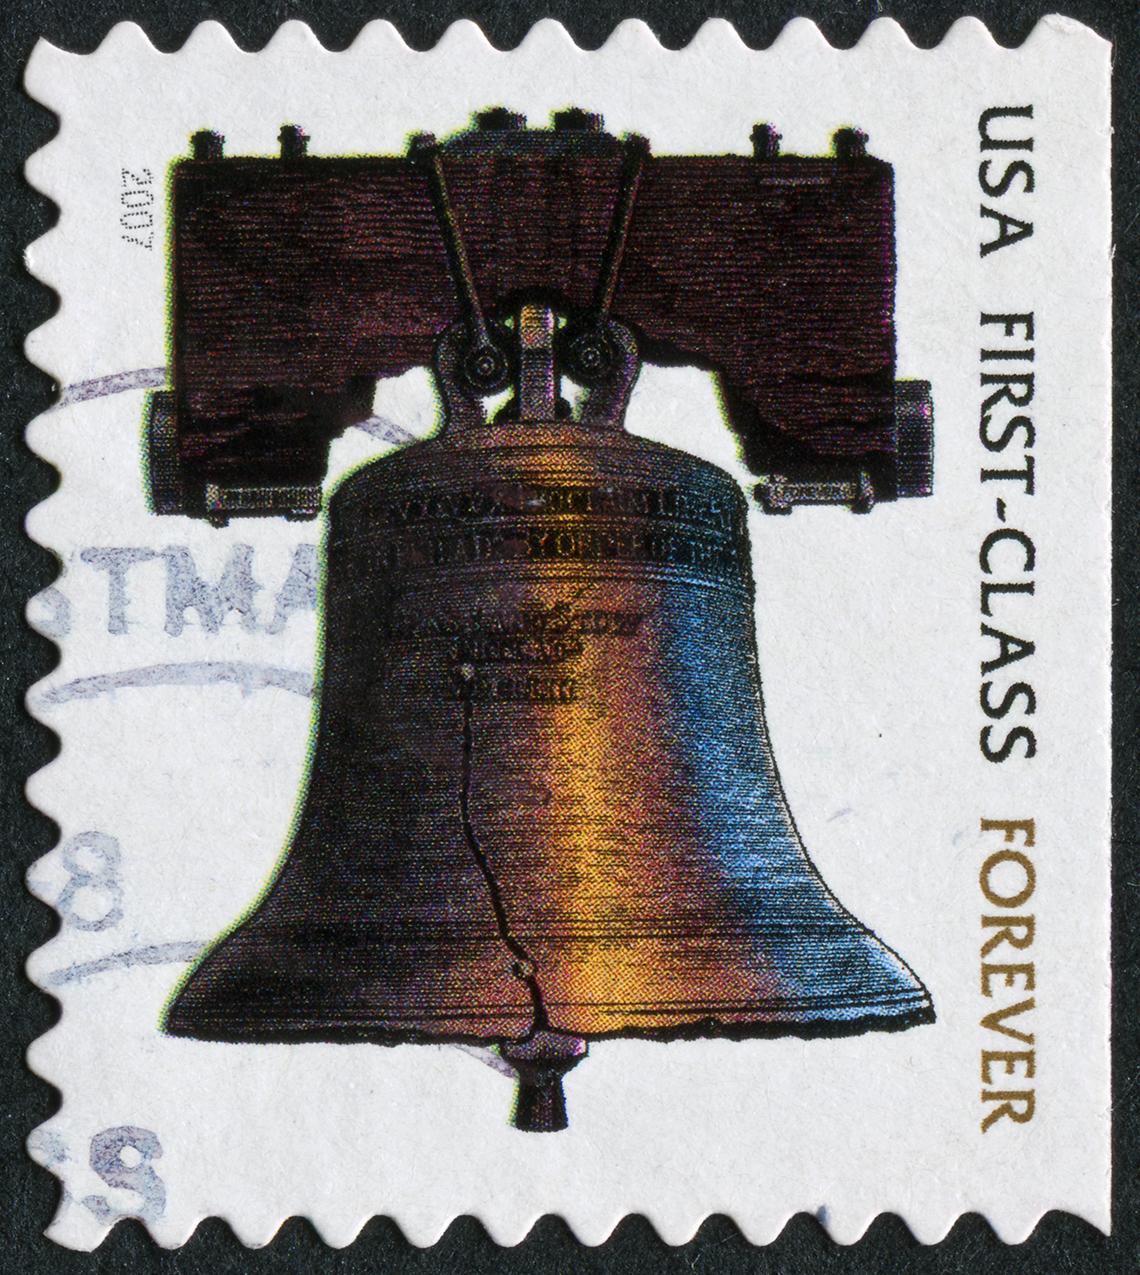 Estampilla de correo de primera clase con la campana de la Libertad